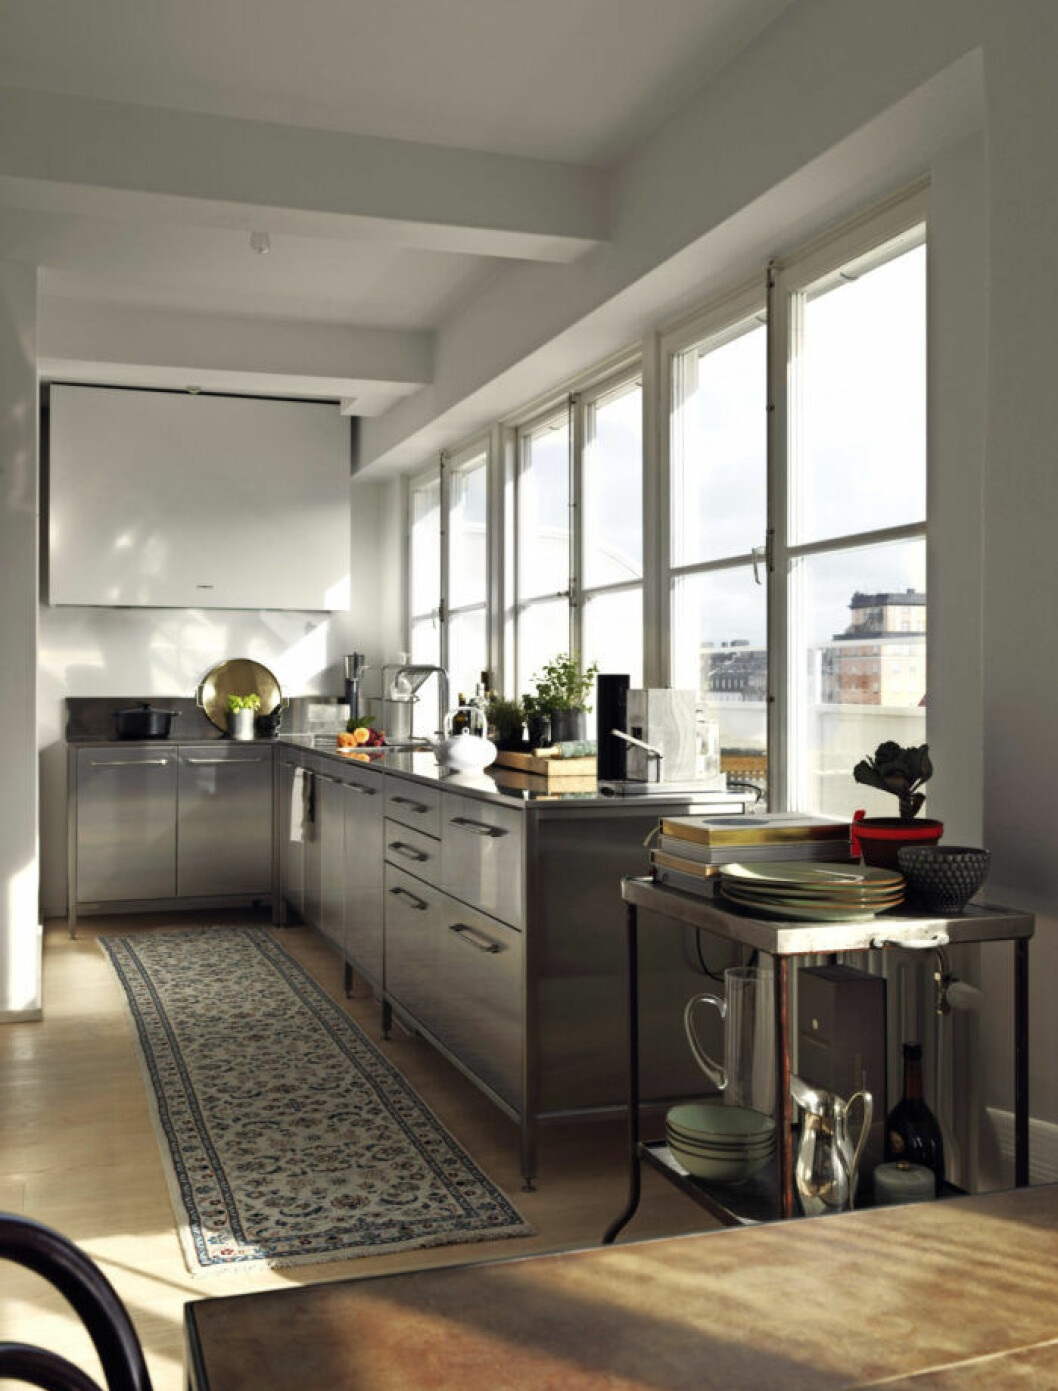 Funktionellt kök i grått med utsikt över takåsarna